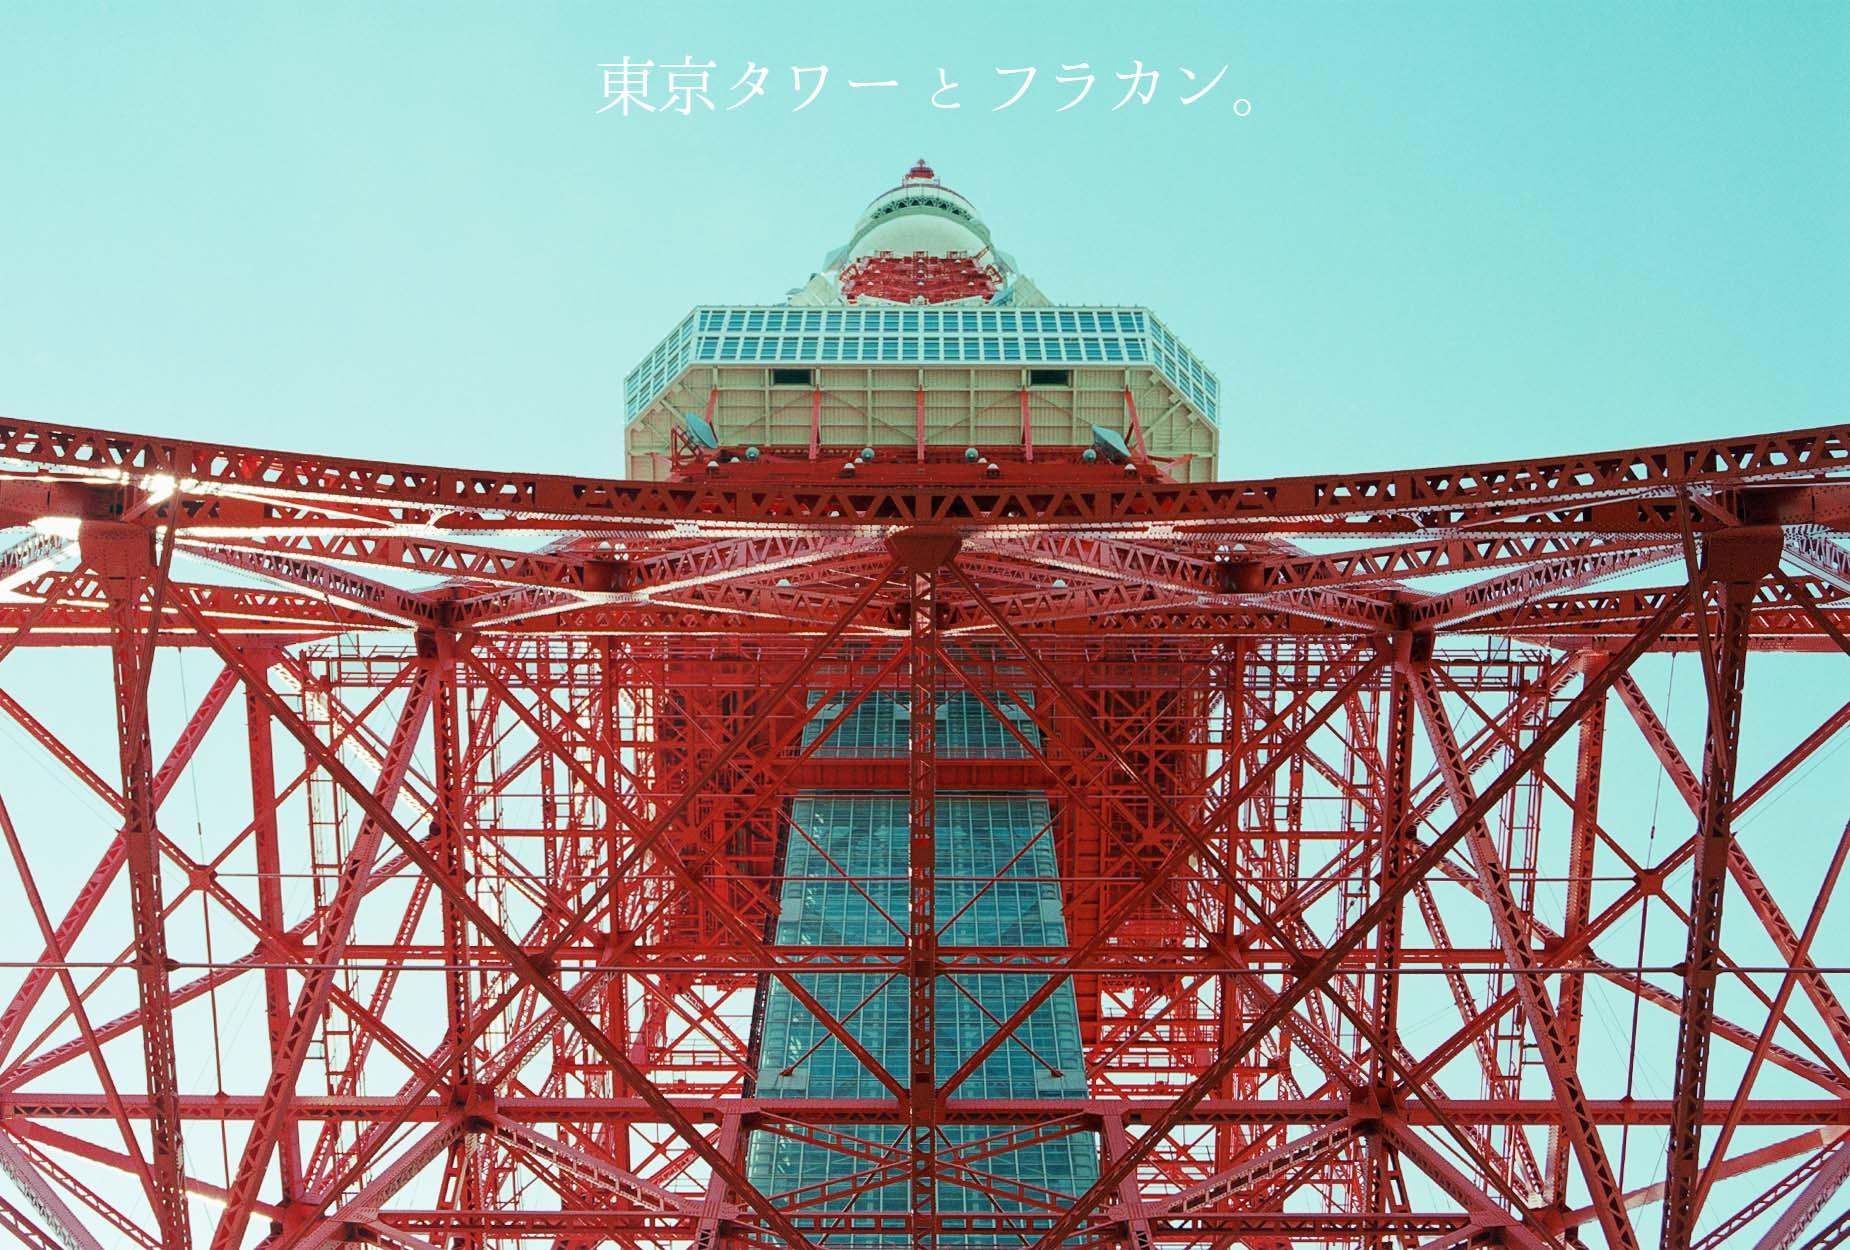 20150330_東京タワーとフラワーカンパニーズ